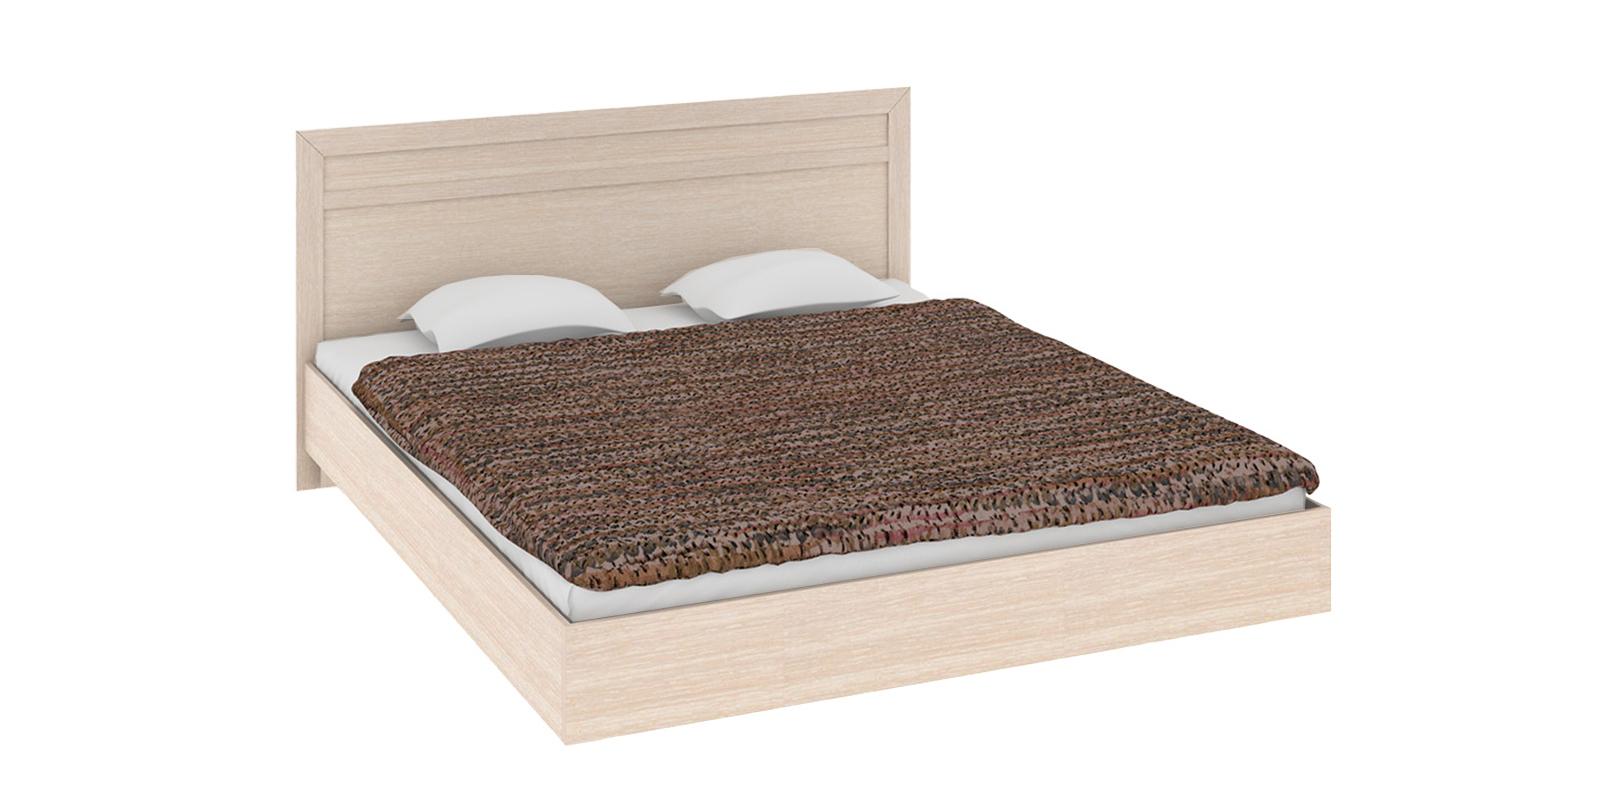 Кровать каркасная Дельта с ортопедическим основанием (дуб белфорт) от HomeMe.ru